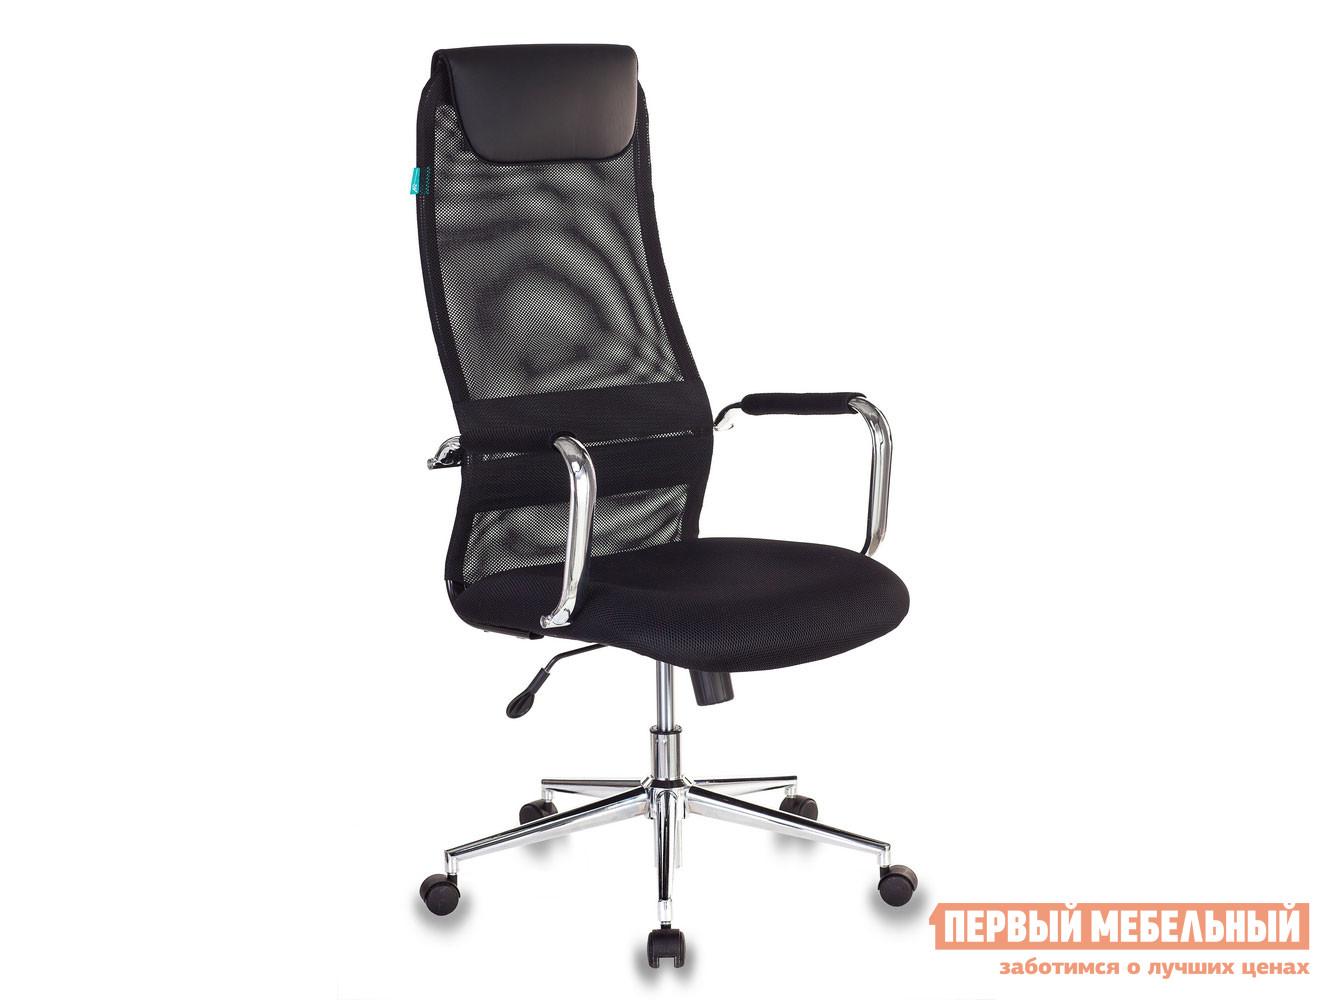 Кресло руководителя Бюрократ KB-9N кресло руководителя бюрократ kb 8 синий